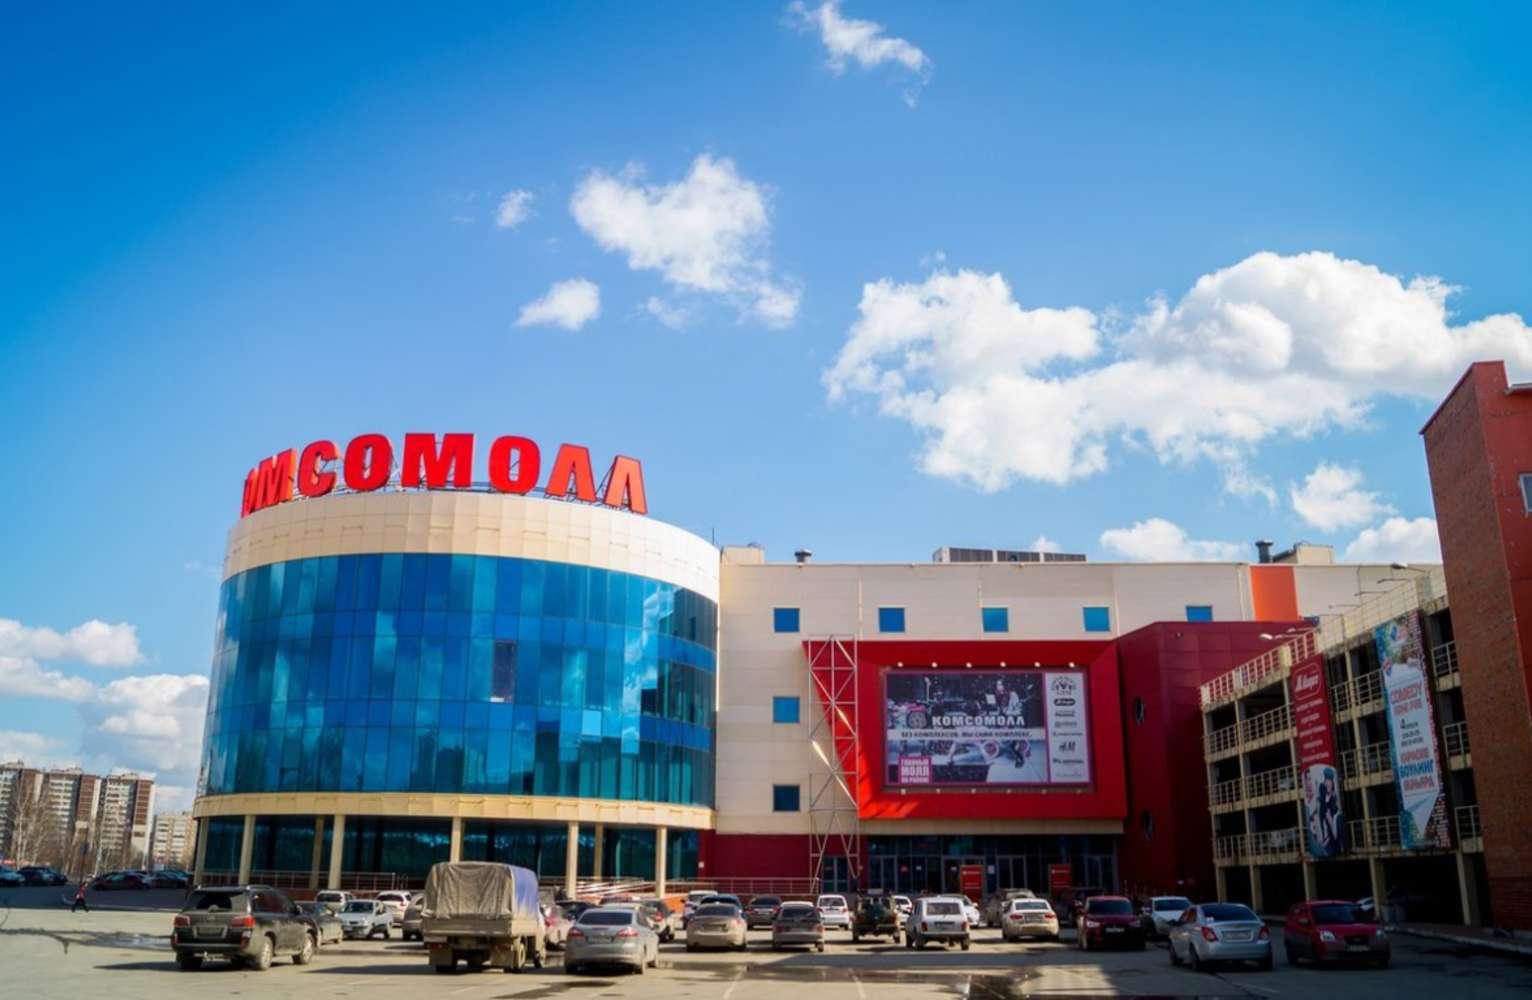 Торговая недвижимость Екатеринбург, 620000 - КомсоМОЛЛ (Екатеринбург)